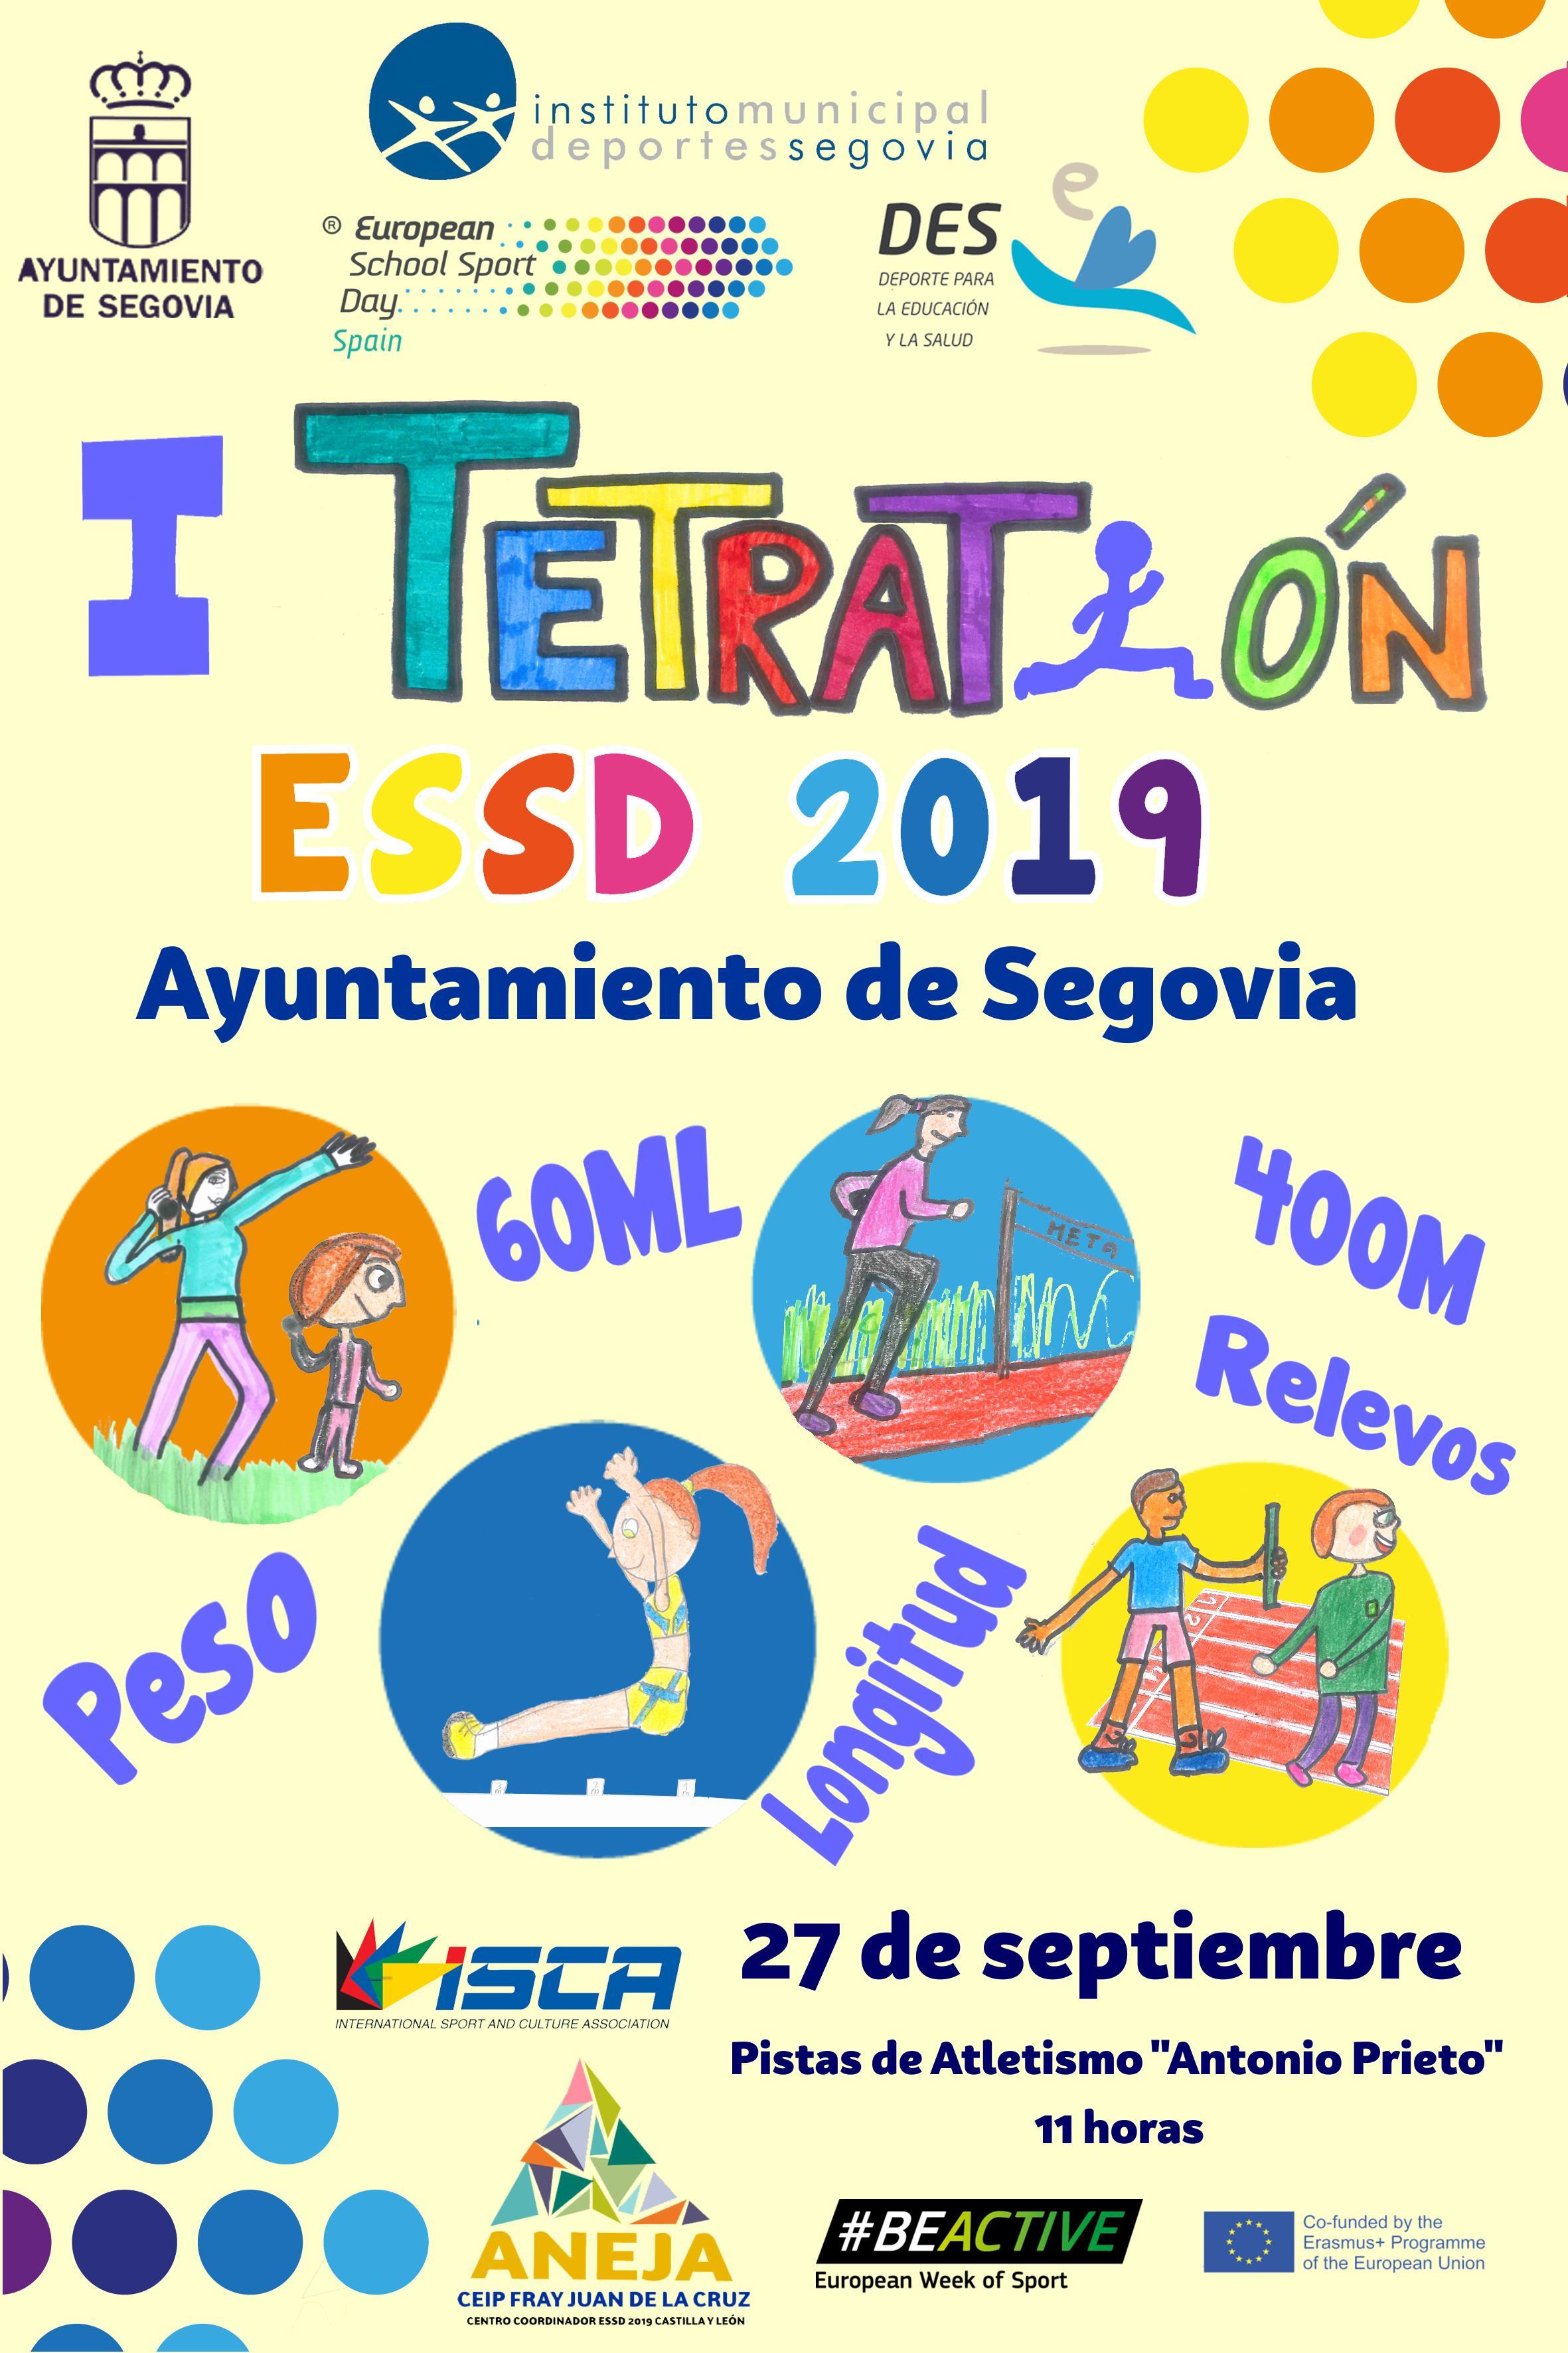 Deporte Escolar: I Tetratlón ESSDC Ayuntamiento de Segovia